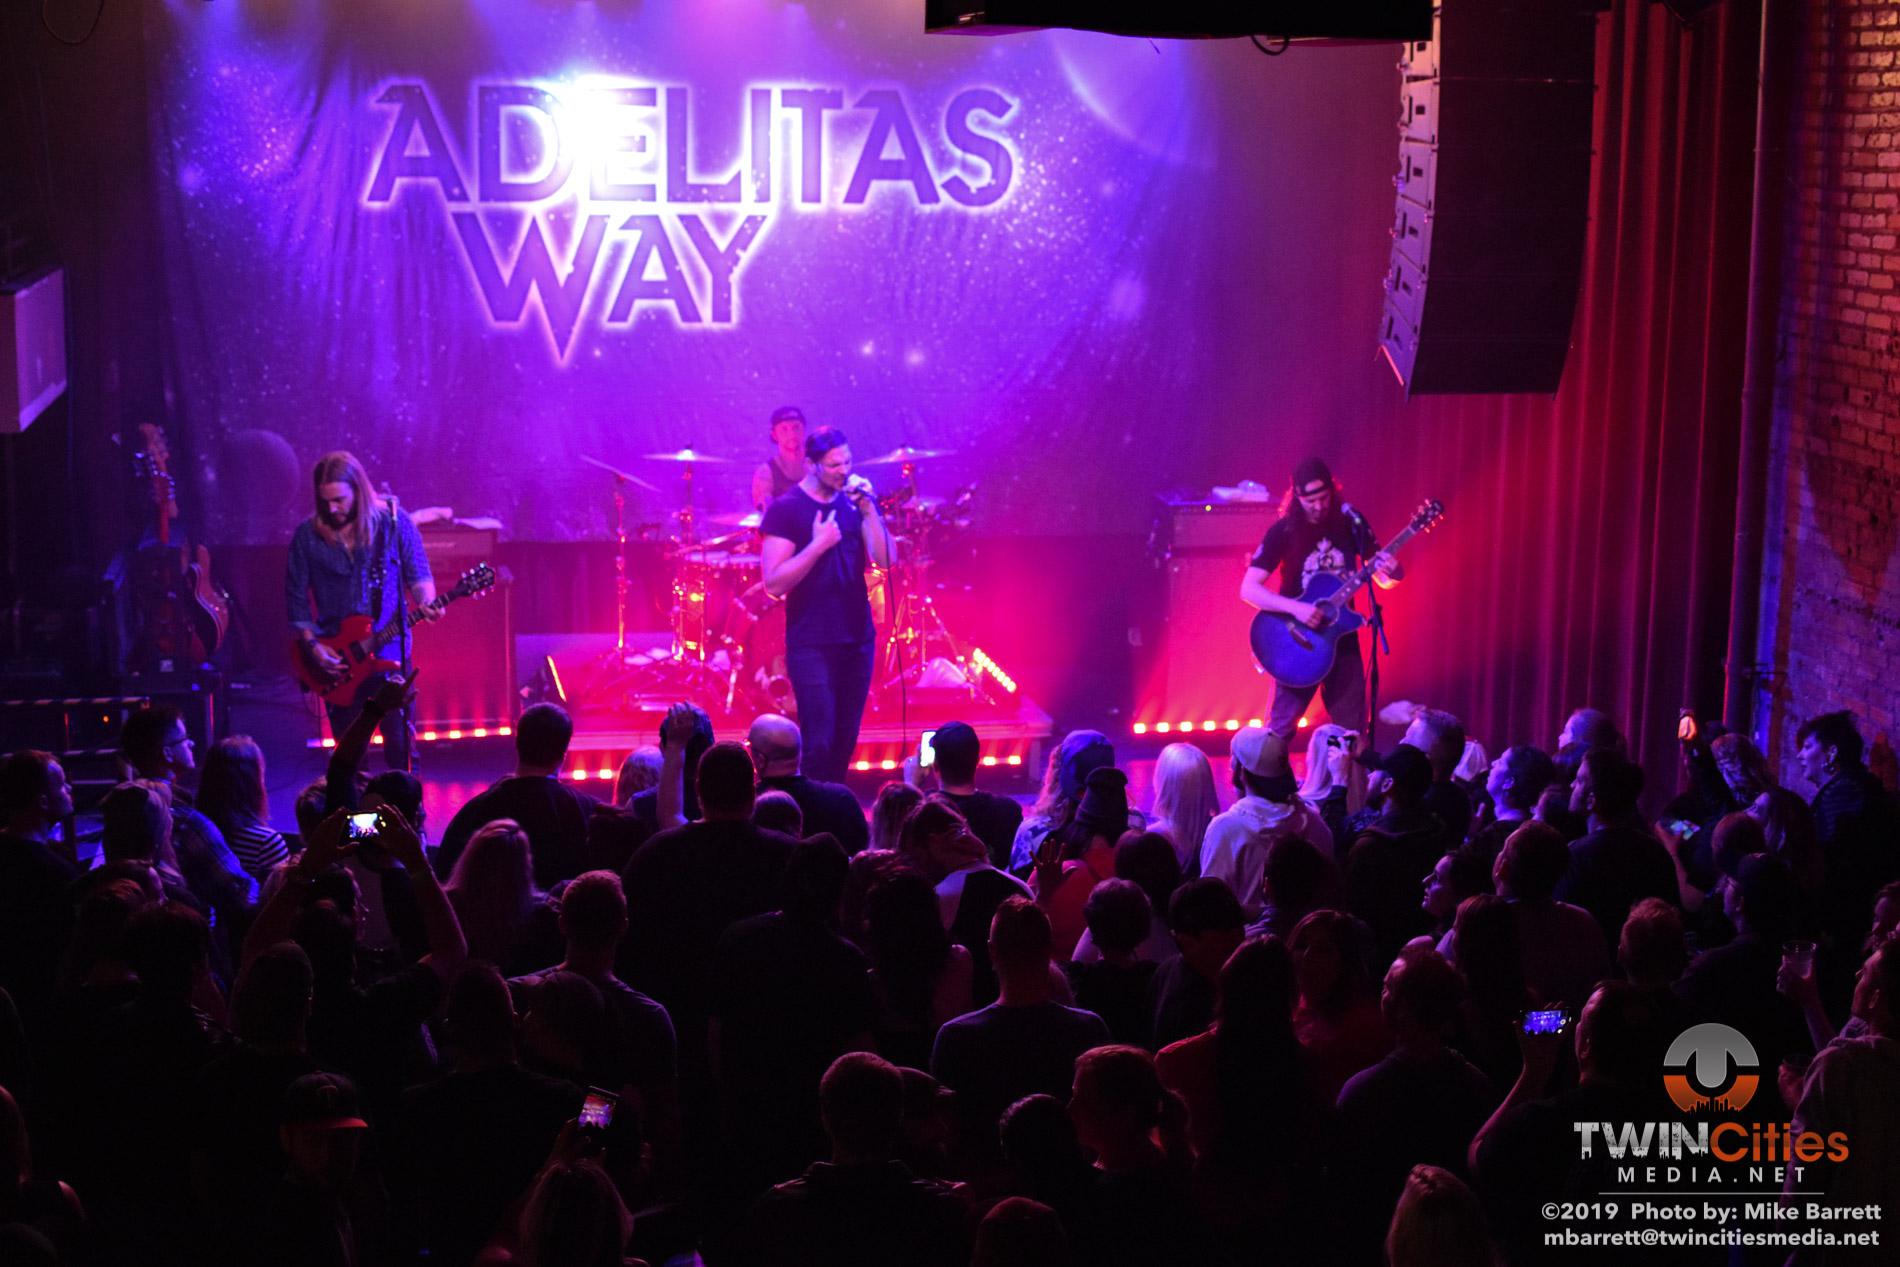 Adelitas-Way-8